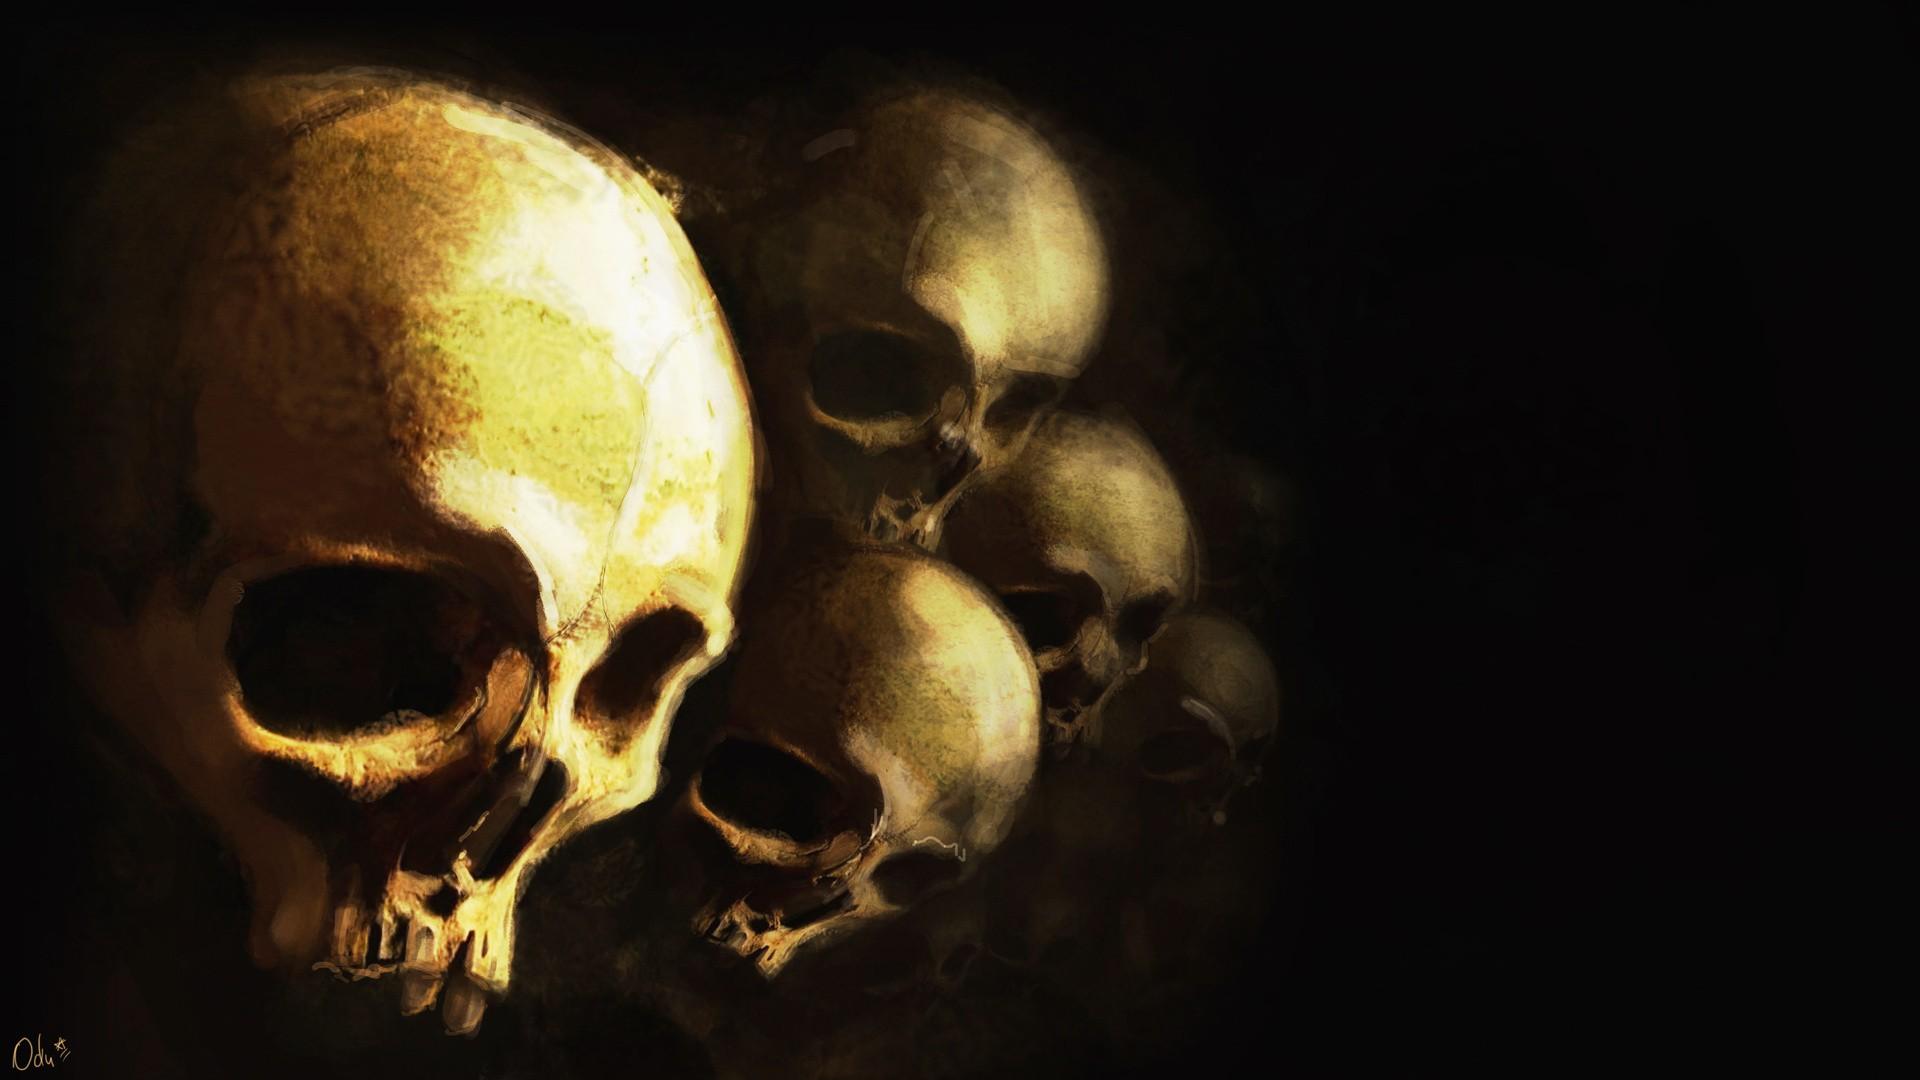 download wallpapers 2560x1600 skulls - photo #22